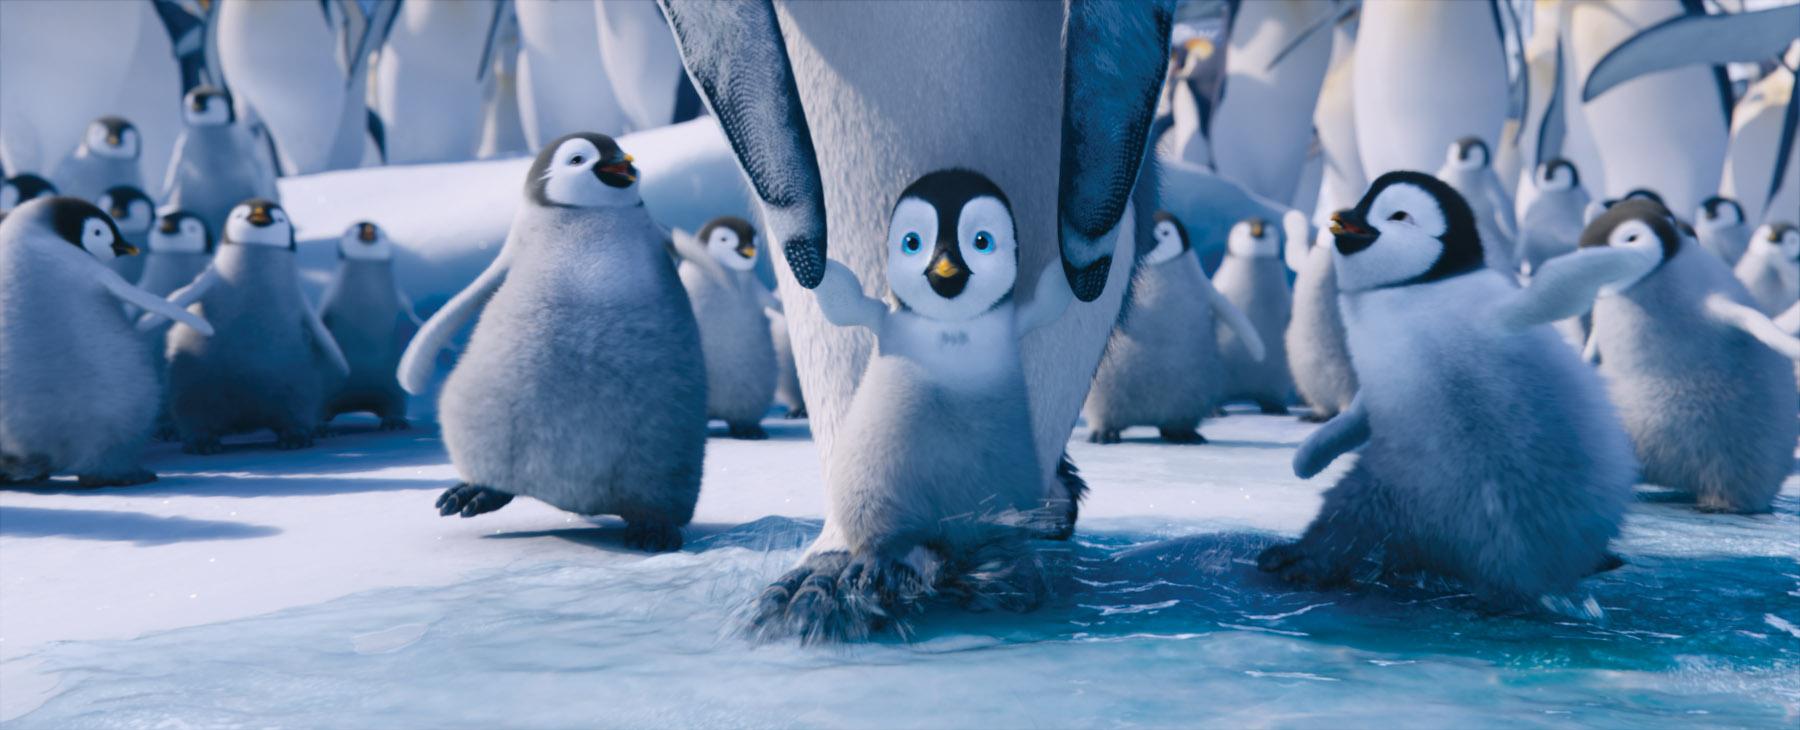 Erik in Happy Feet Two Movie Desktop Wallpaper 1800x730